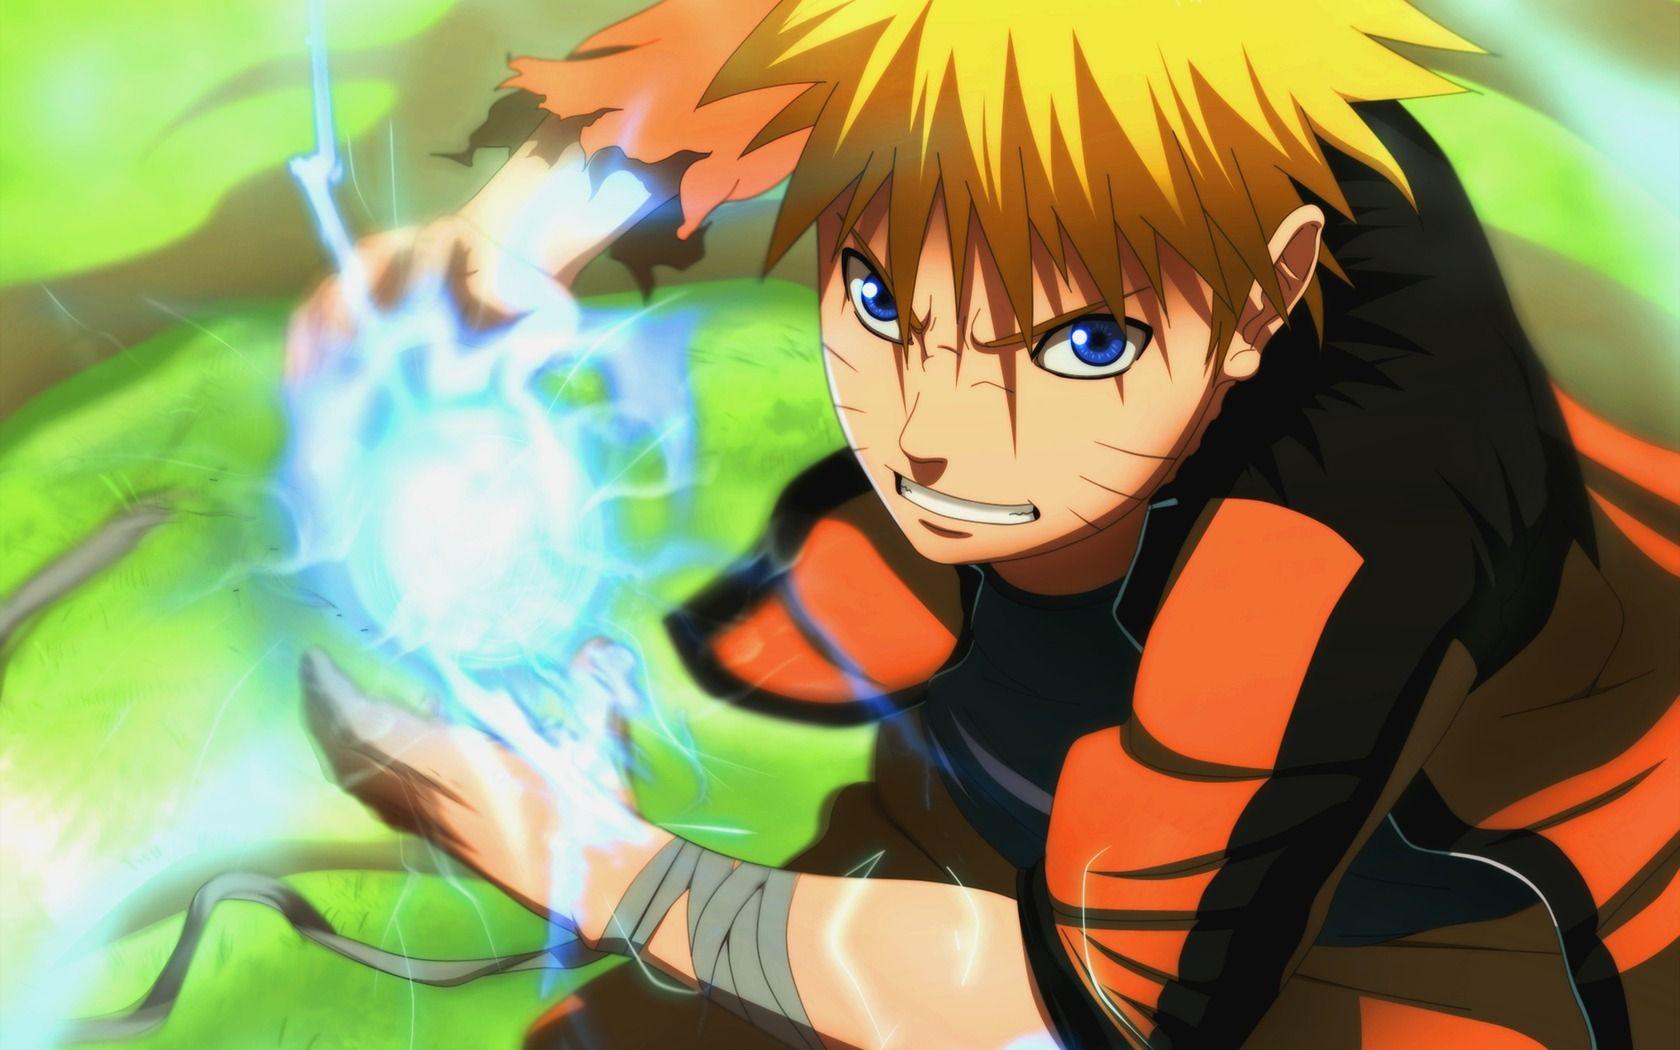 Download Wallpaper Angry Naruto Uzumaki - e3a331e911cee1e1e389d5395e27abb1  Snapshot_996072      .jpg